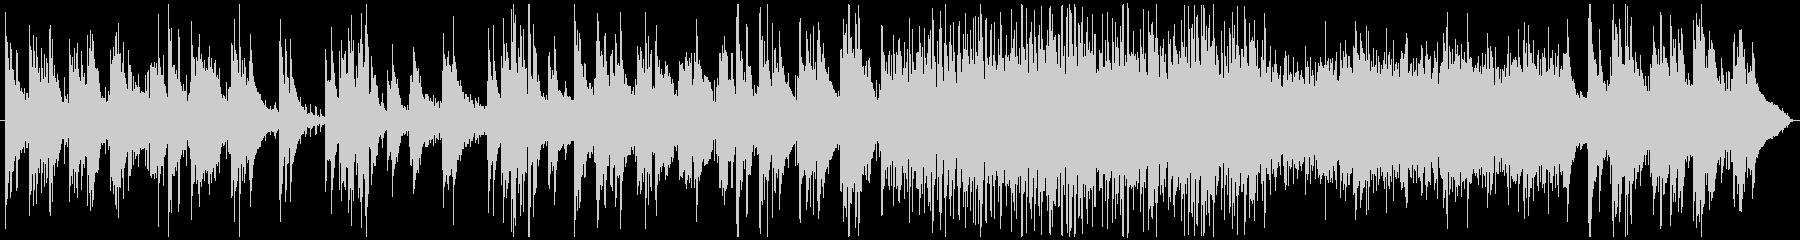 フラメンコ伝統。複雑なナイロン弦ギ...の未再生の波形